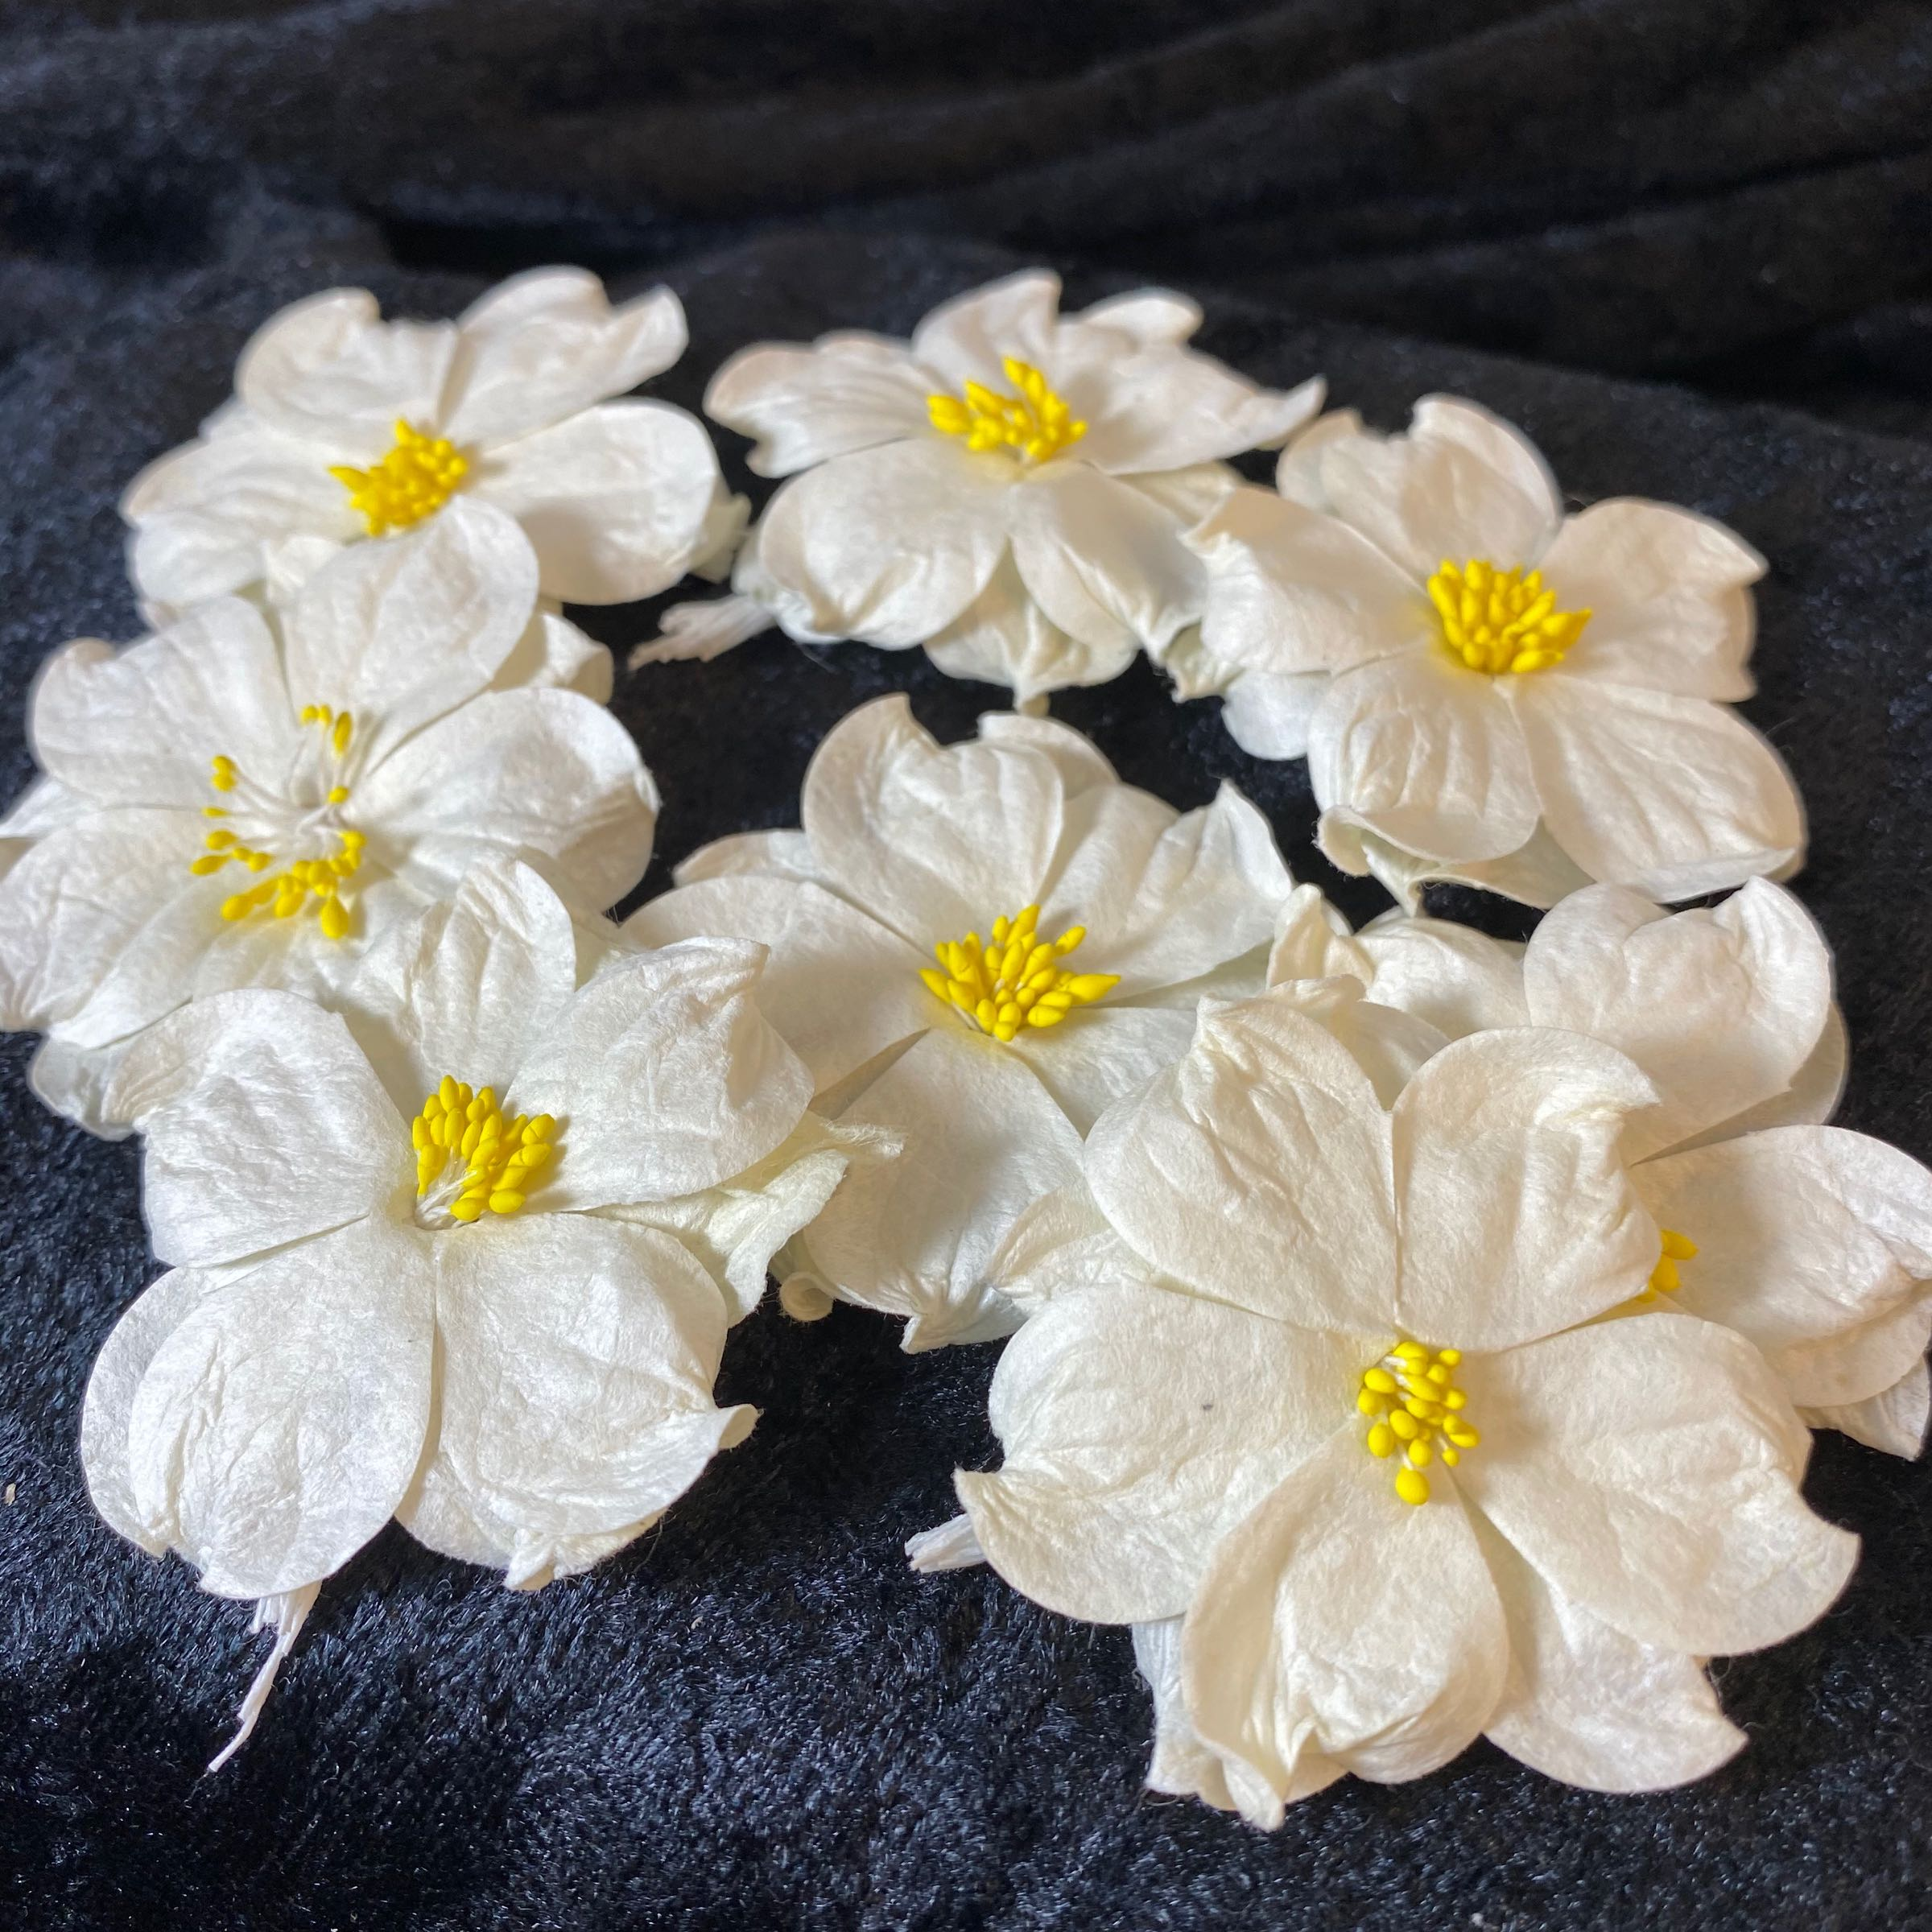 Papirdesign blomst  kremhvit  med gul støvbærer